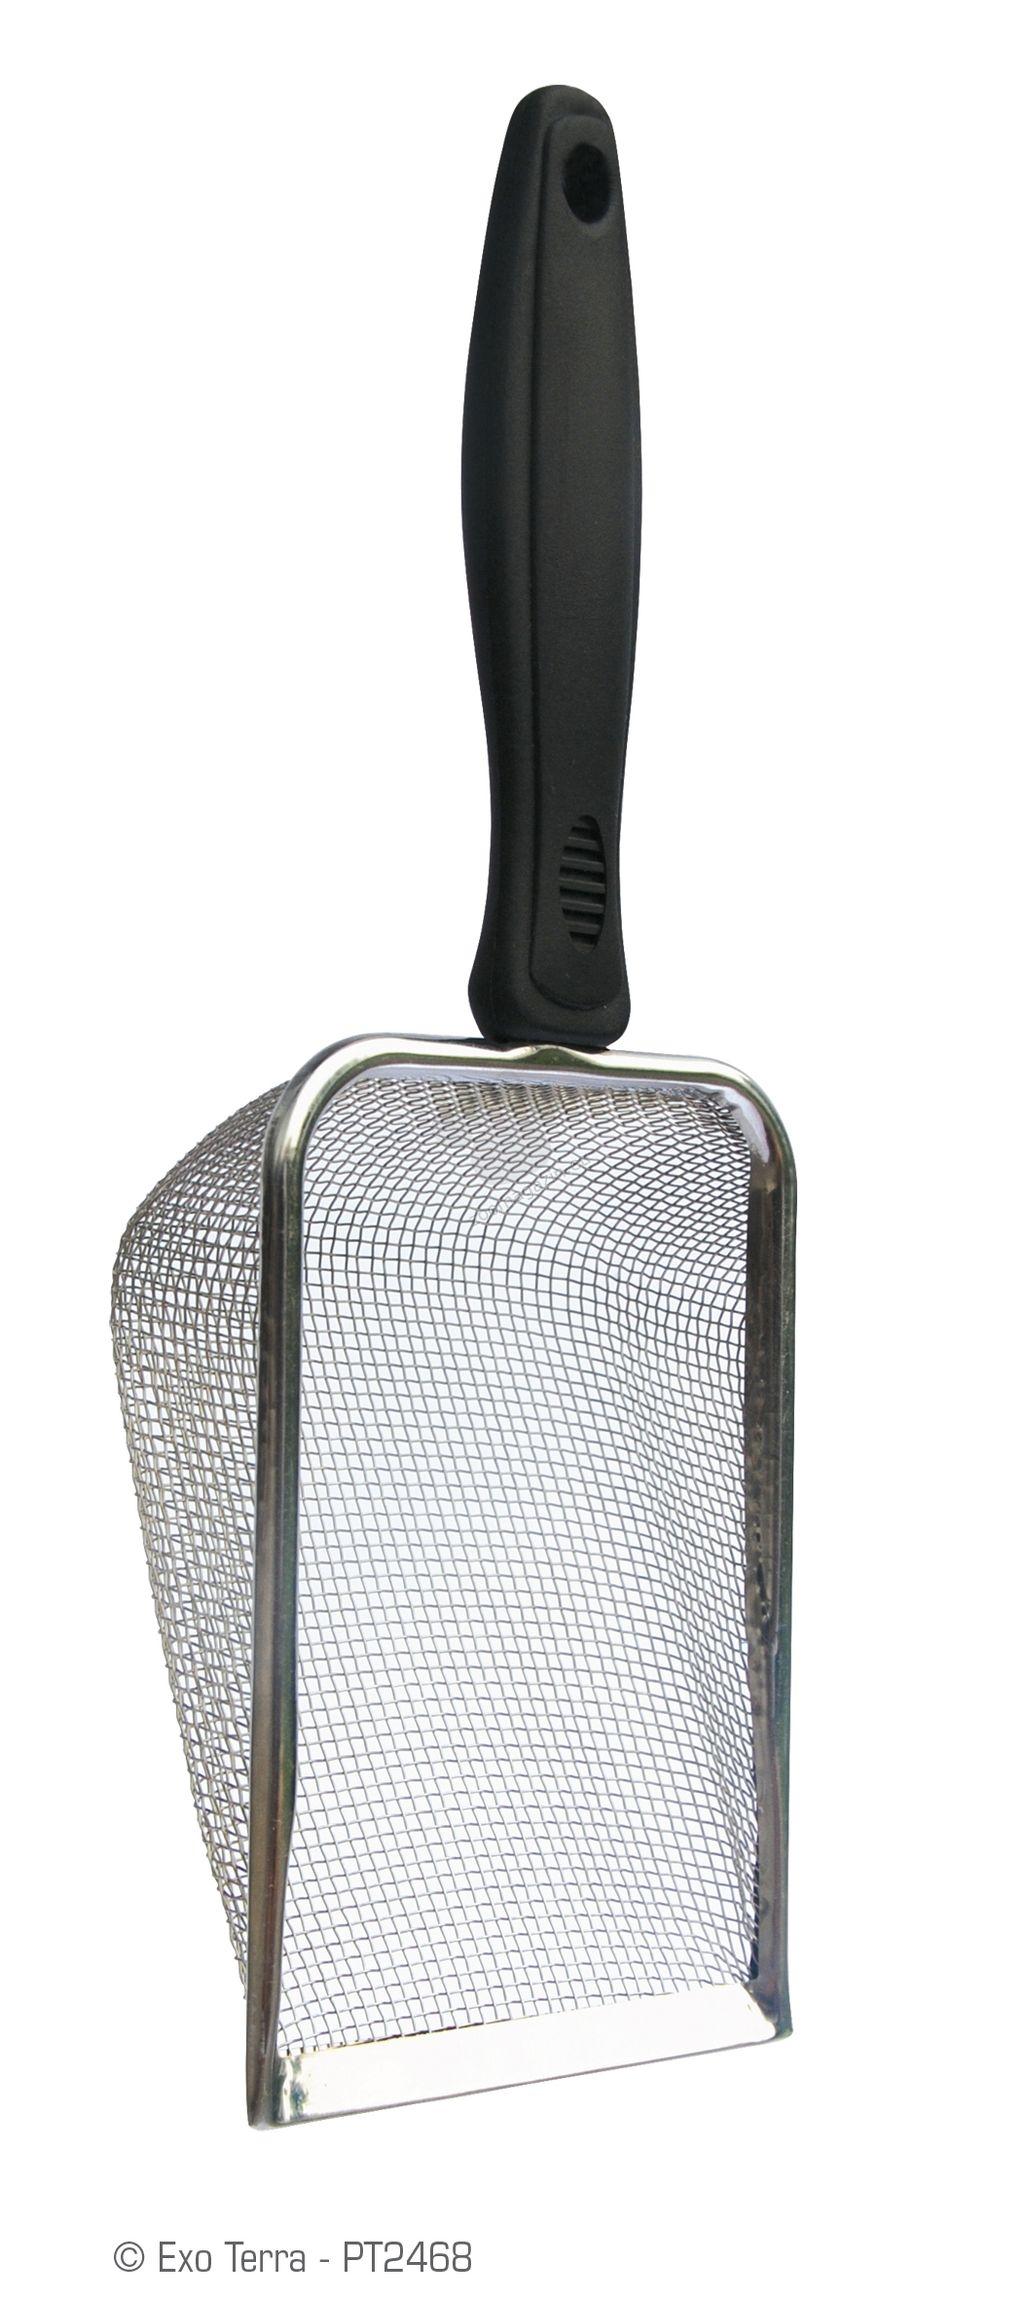 Exo Terra Metal Poop Scoop - μεταλλικό φτυαράκι για καθαρισμό terarrium pt2468